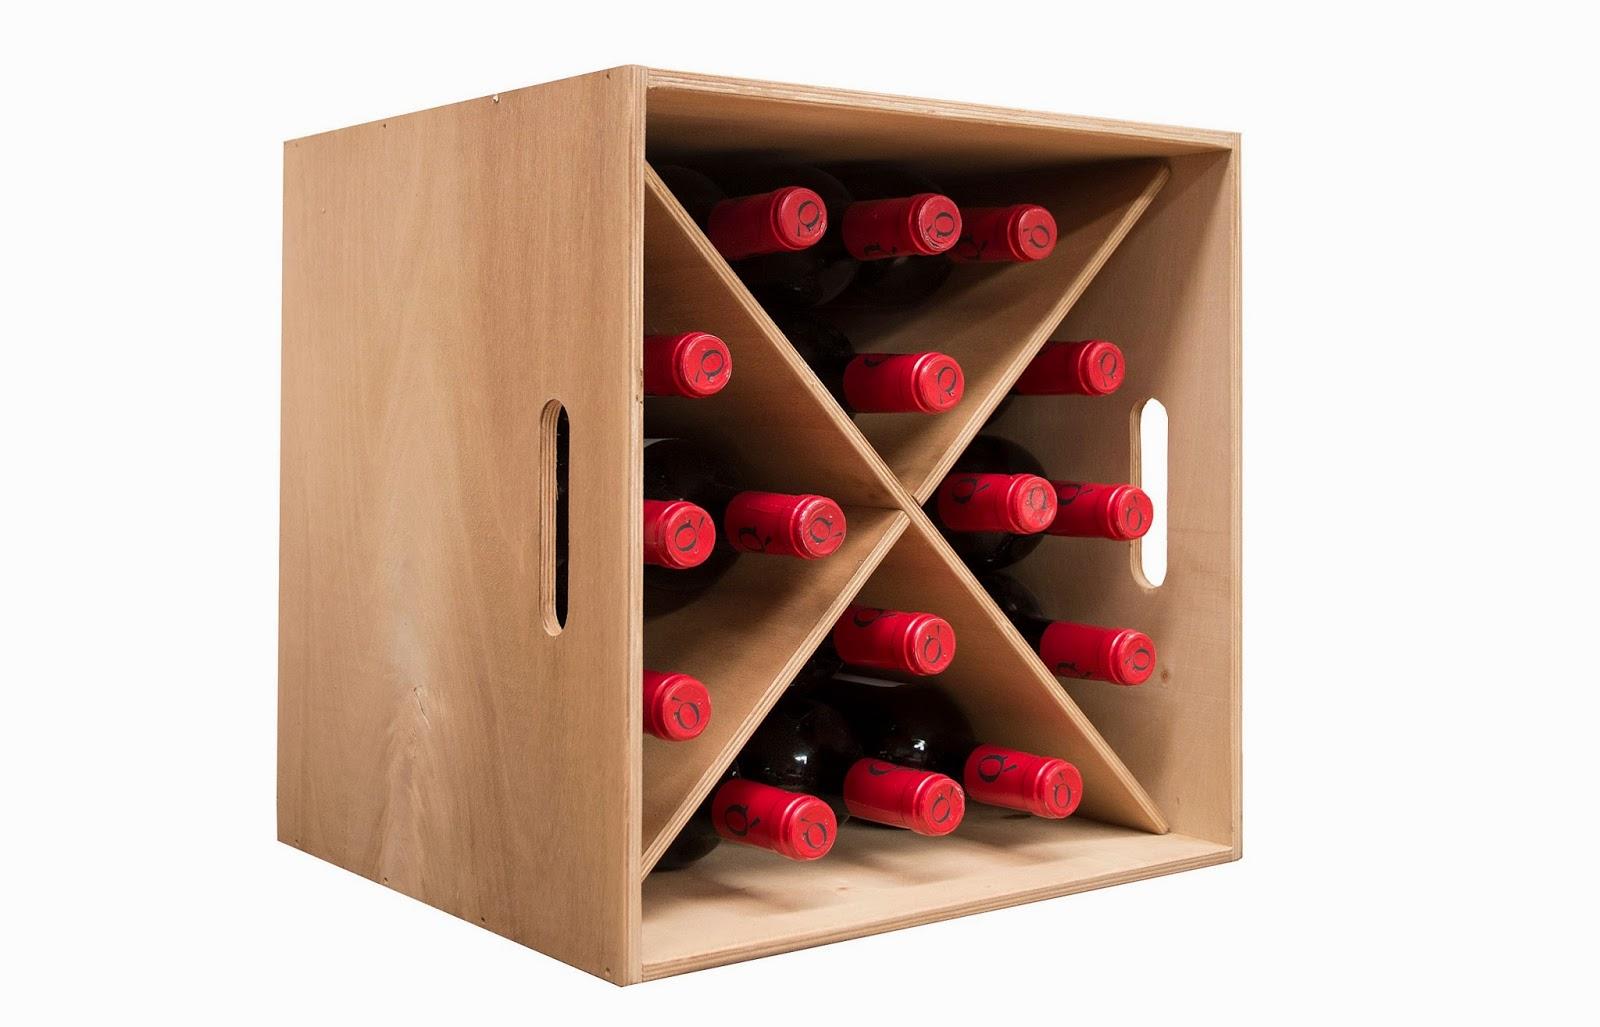 http://www.portobellostreet.es/mueble/22766/Botellero-en-roble-capacidad-para-16-botellas